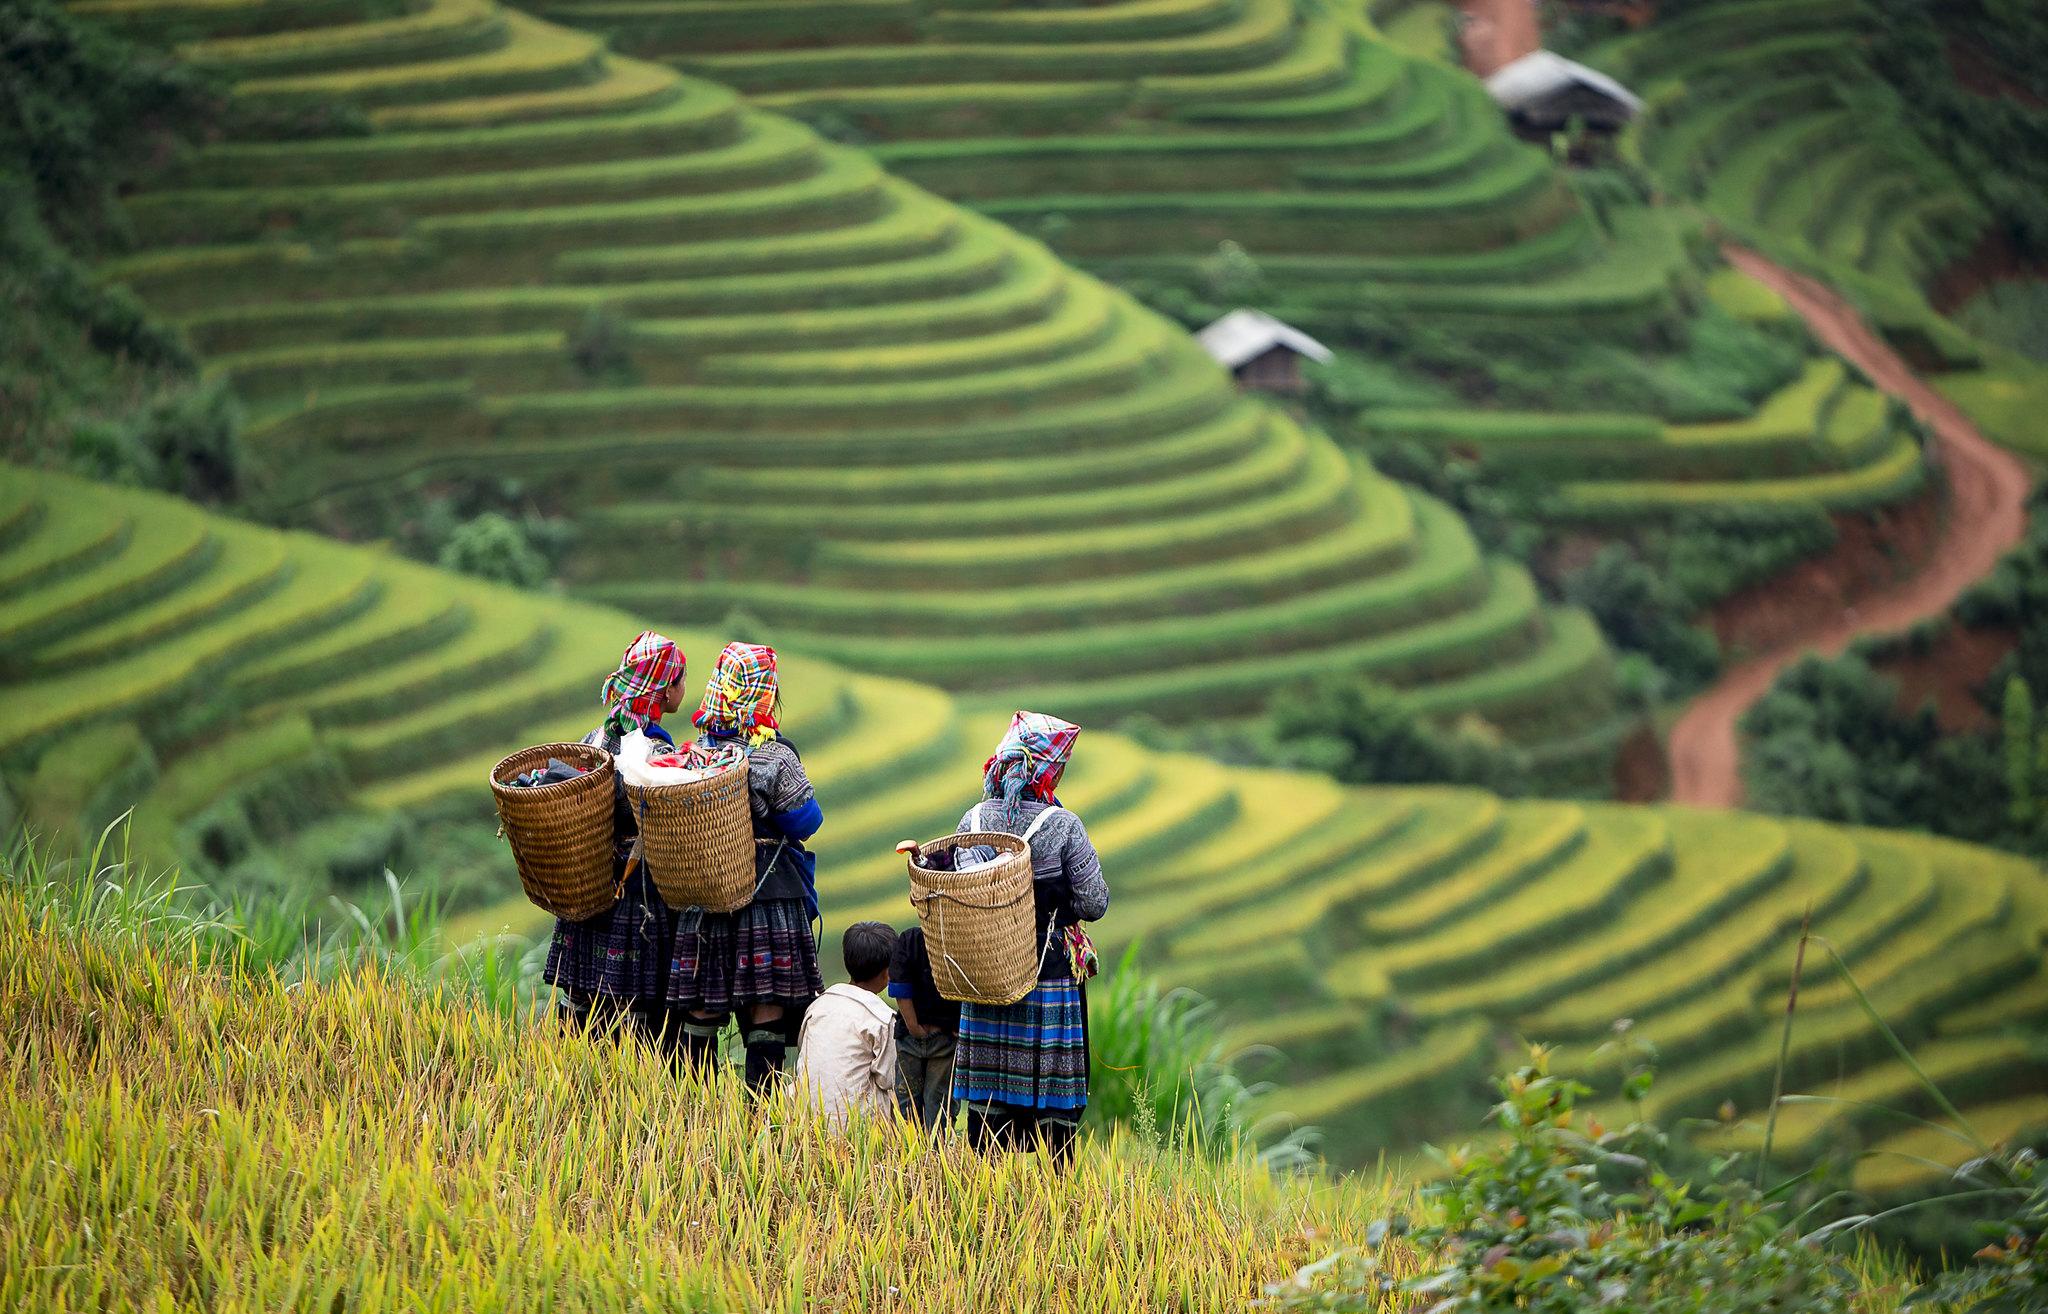 Cong-ty-du-lich-chuyen-tour-tay-bac-vietmountain-travel121 (1)